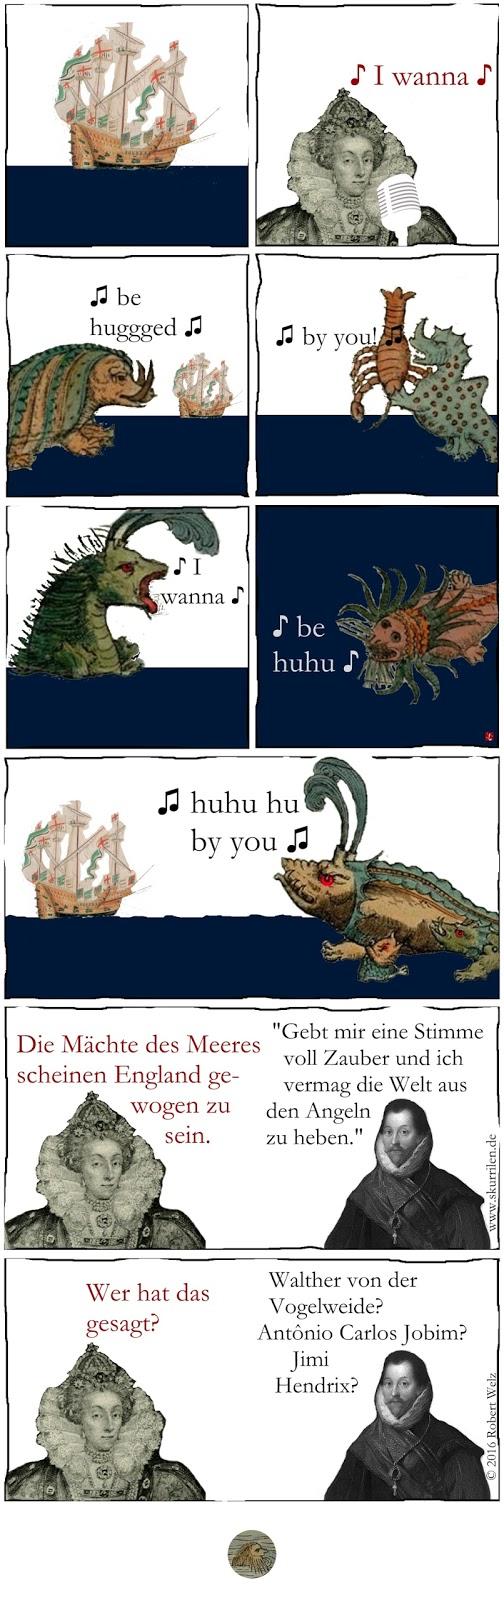 skurrile Comedy & Fantasy: Seeungeheuer, Monster & Fabelwesen aus der Carta Marina, einer historischen Seekarte aus dem Jahr 1539, singen ein Lied von Elisabeth I.